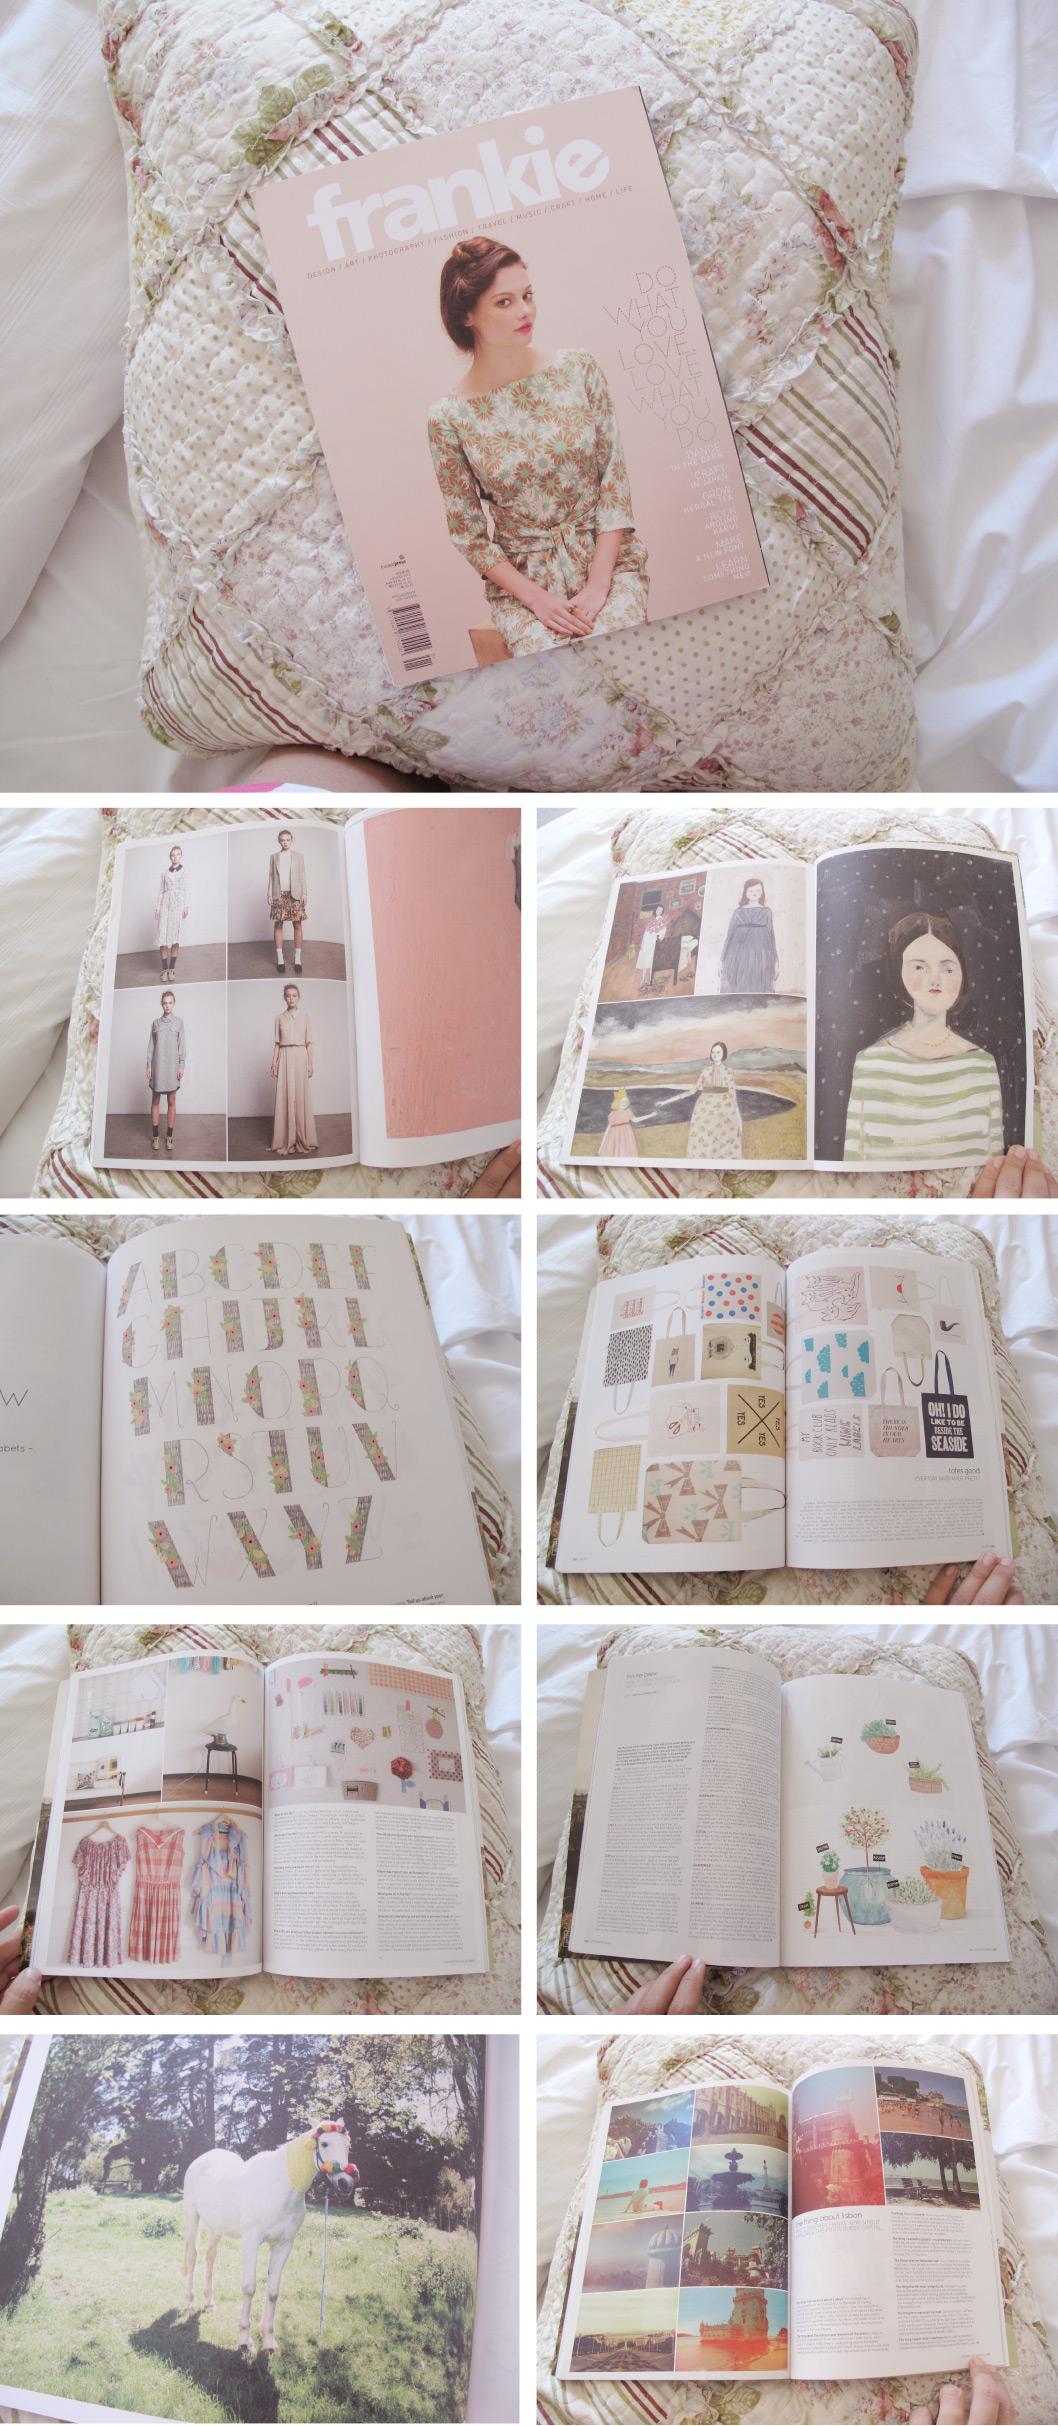 Frankie-magazine